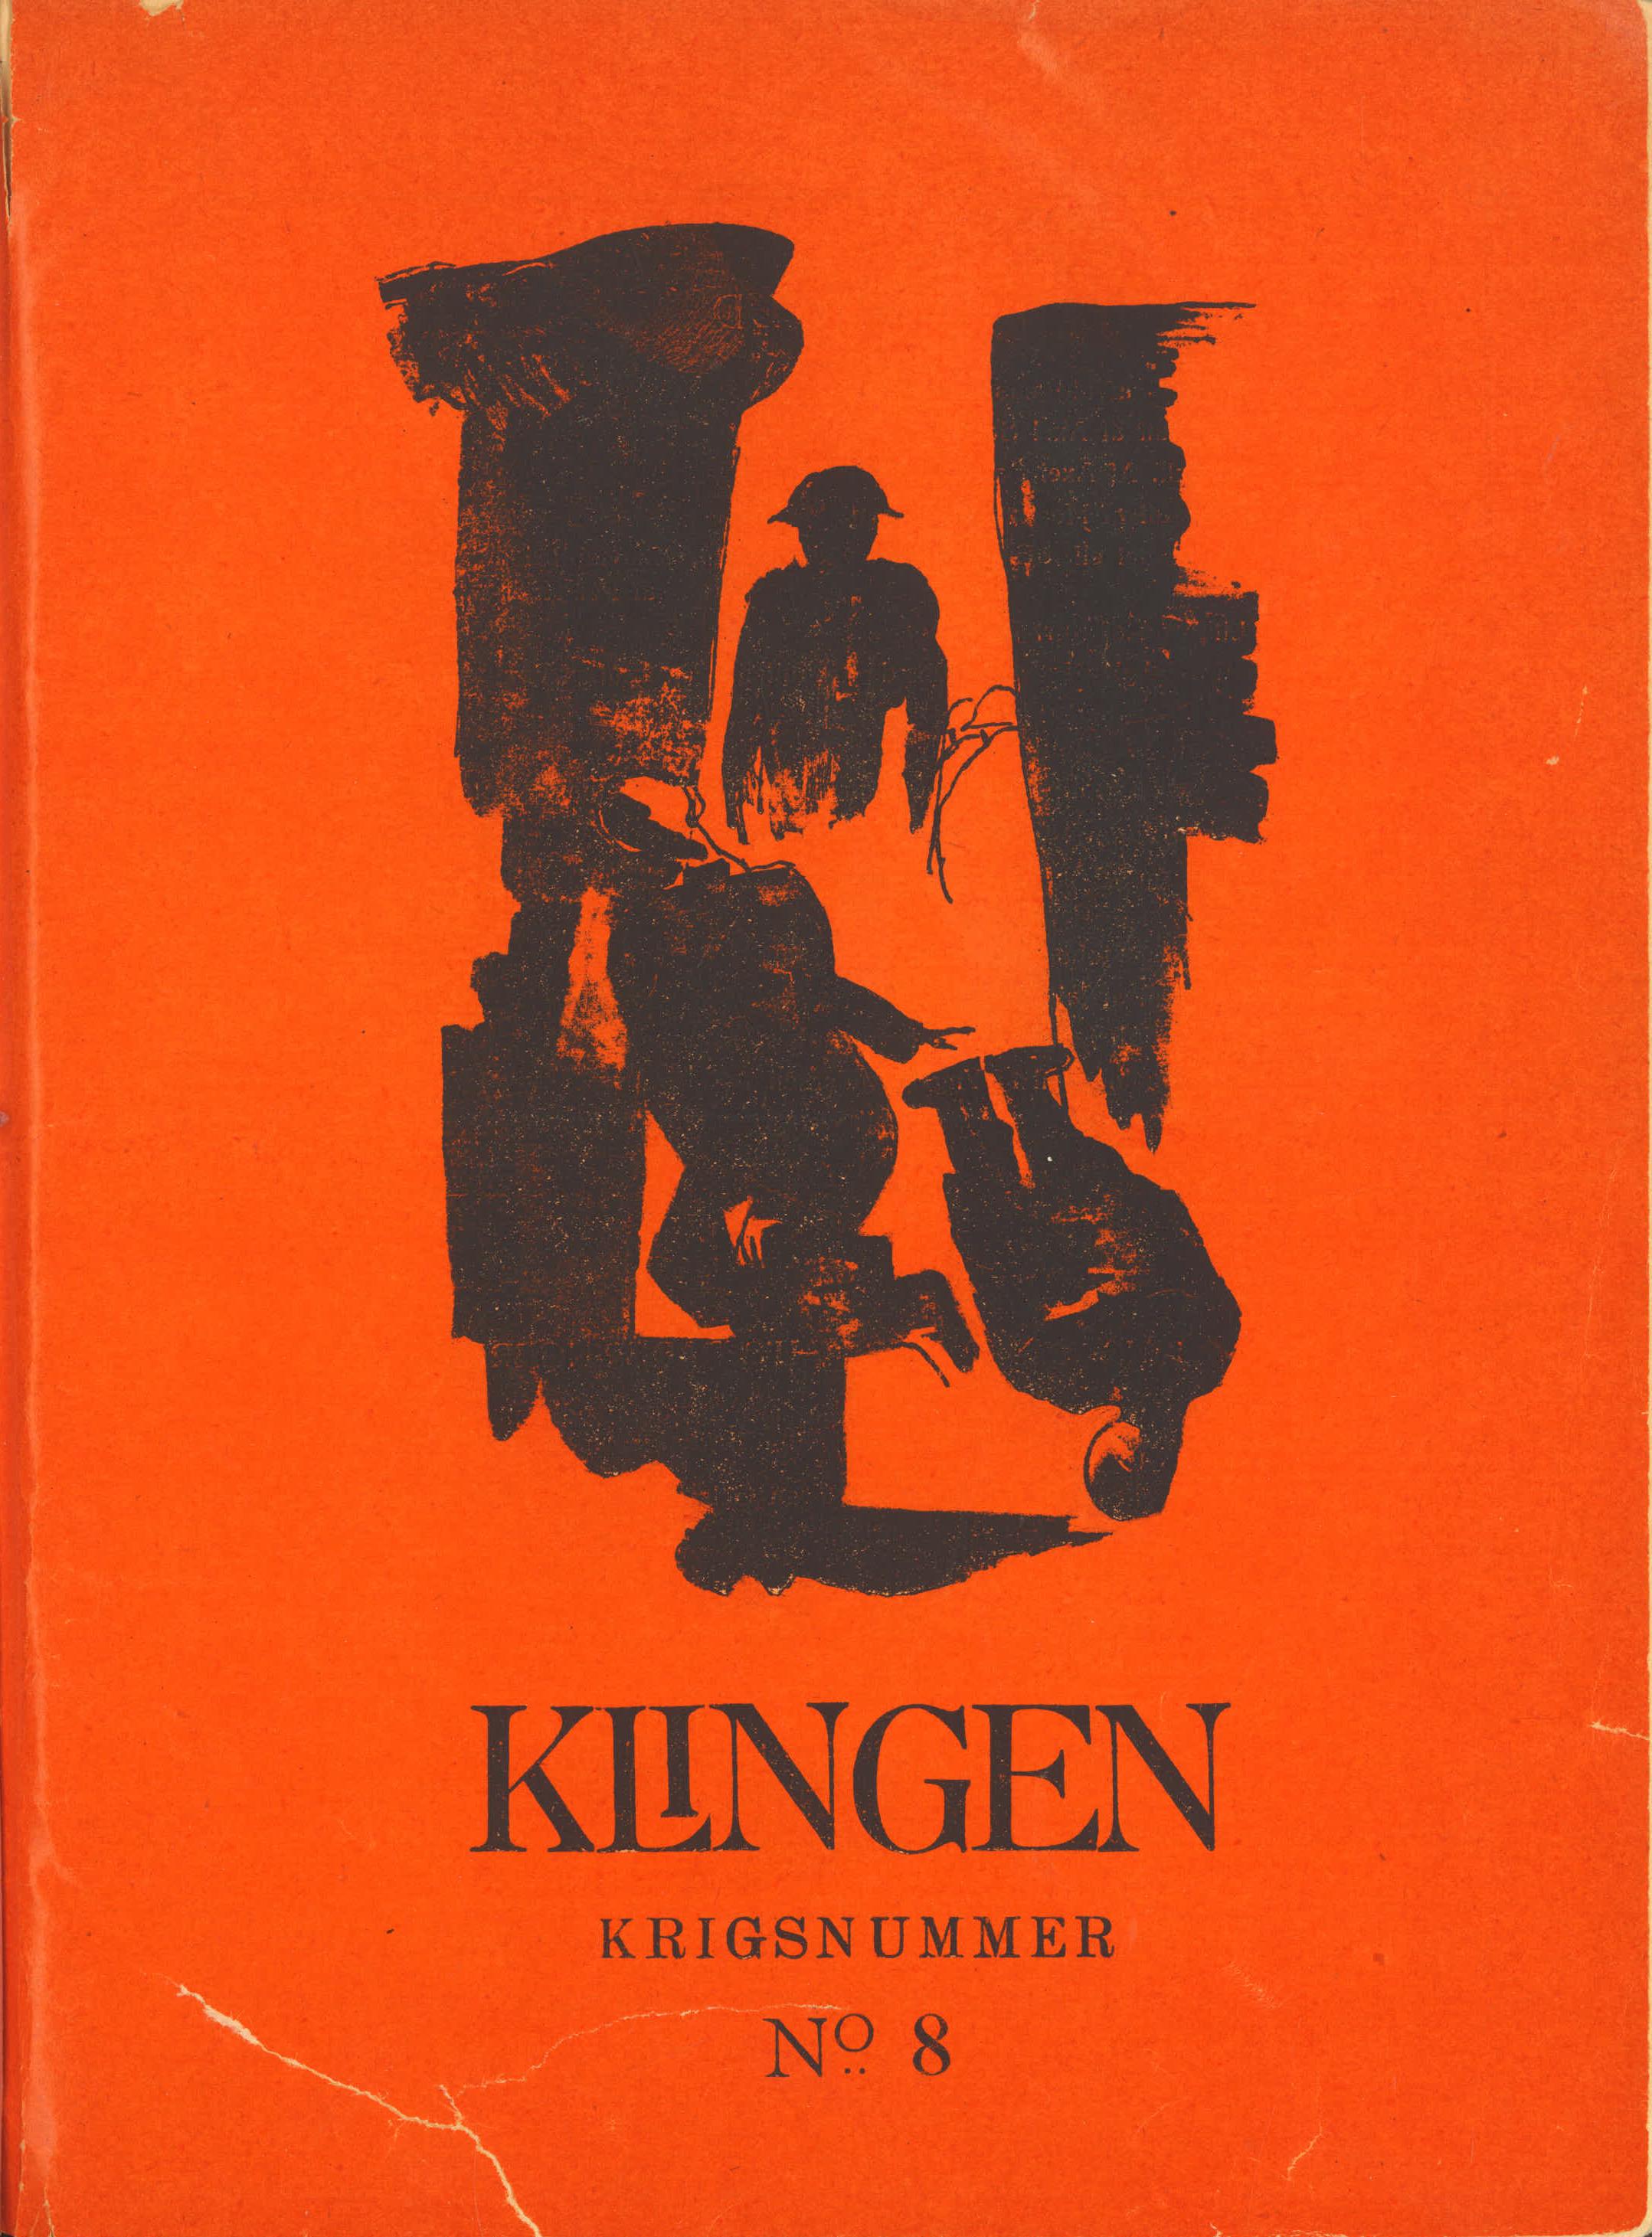 Forside på krigsnummeret til Klingen 1918, av Mogens Lorentzen.